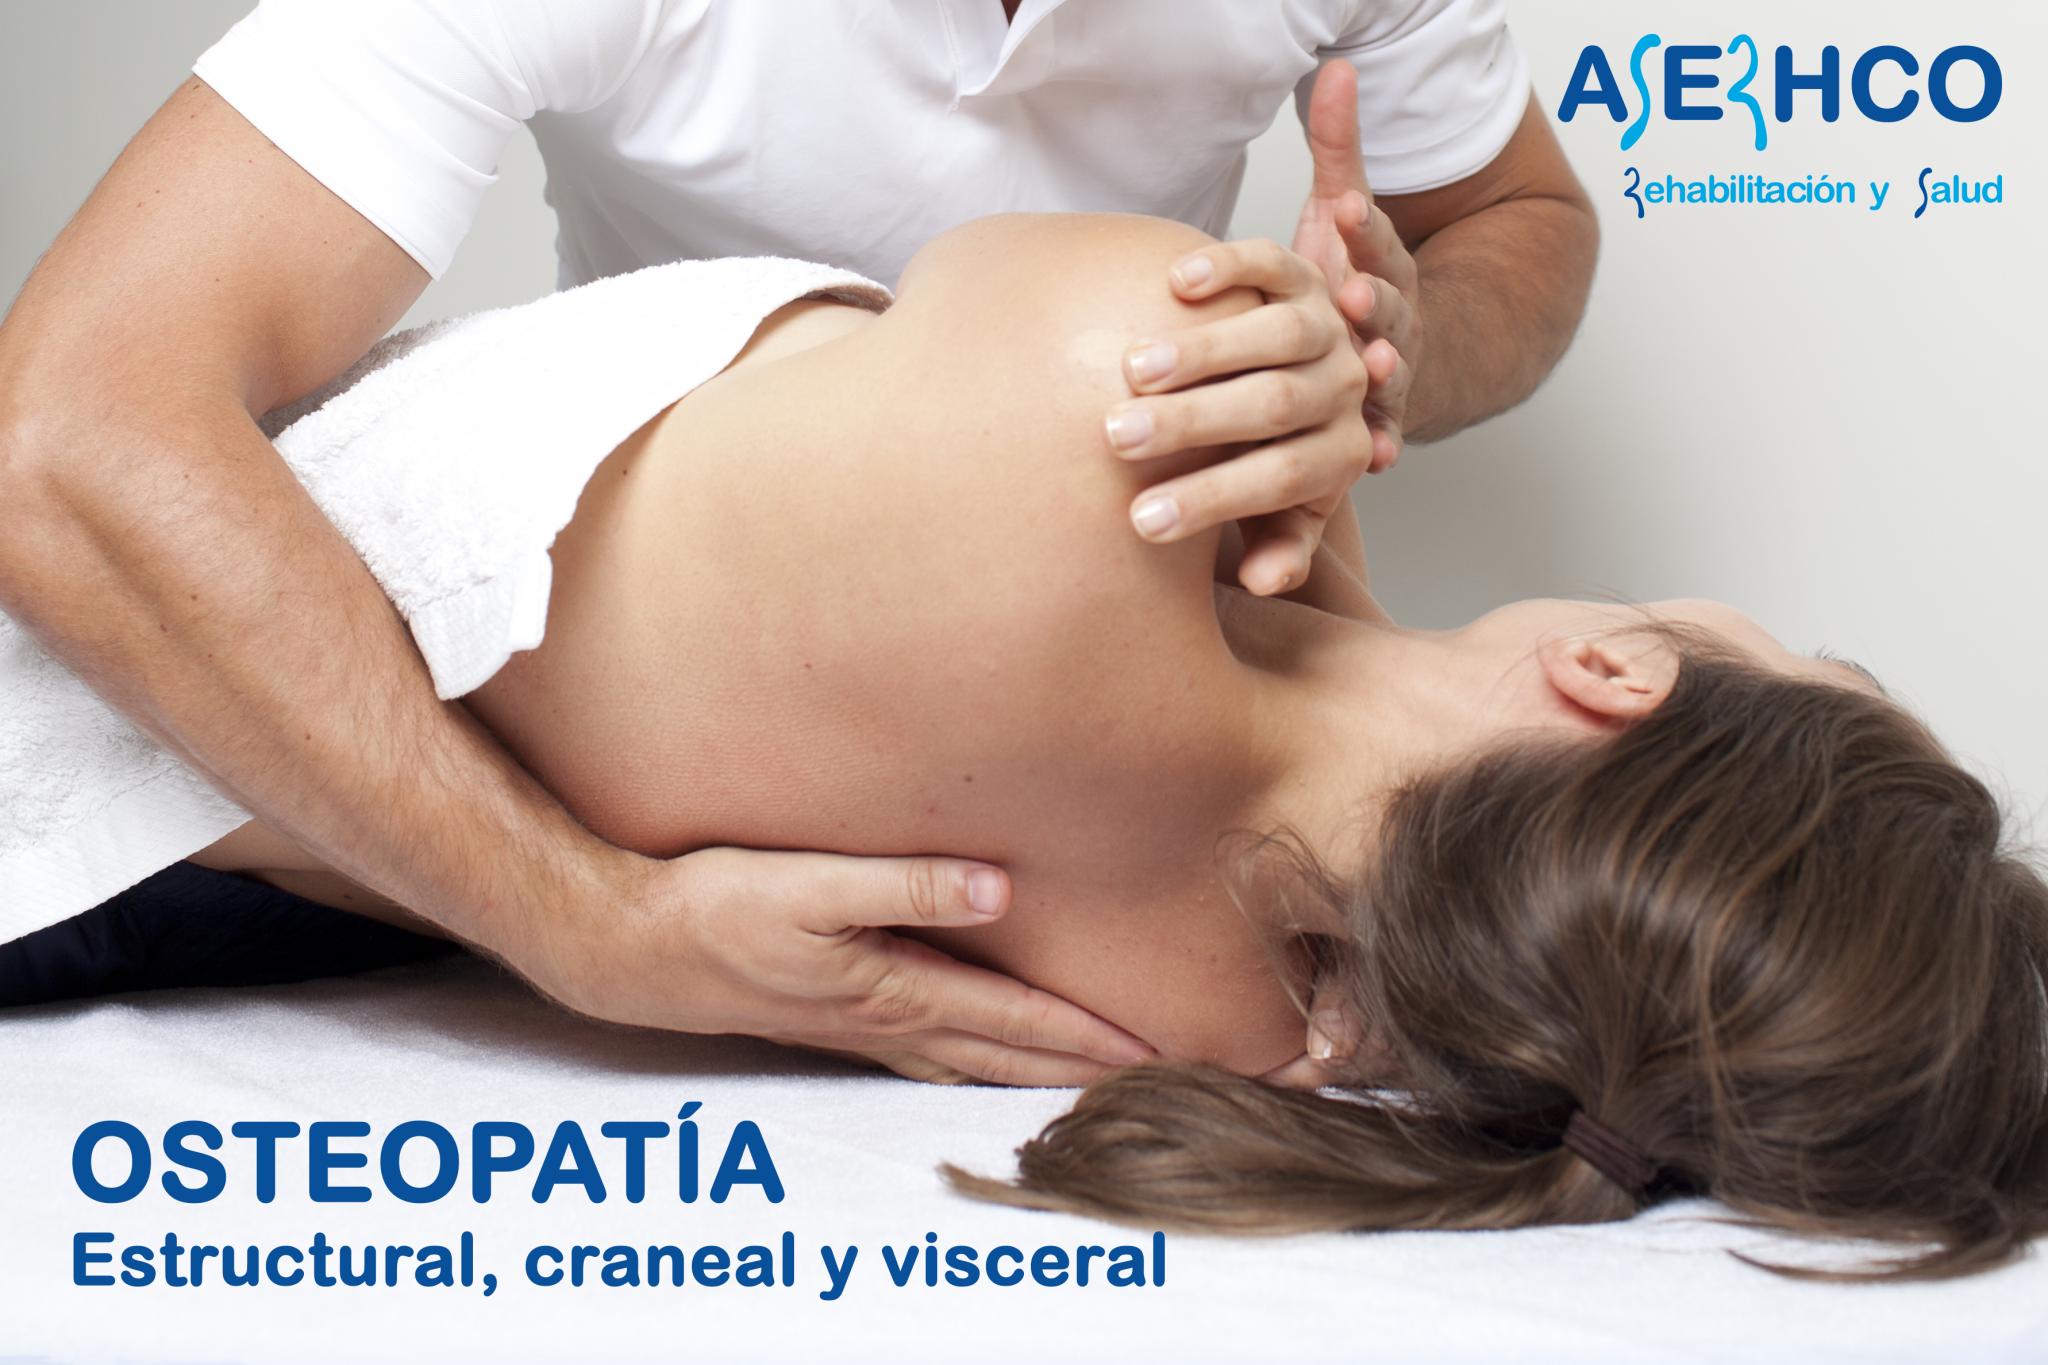 Osteopatía en Zaragoza ASERHCO